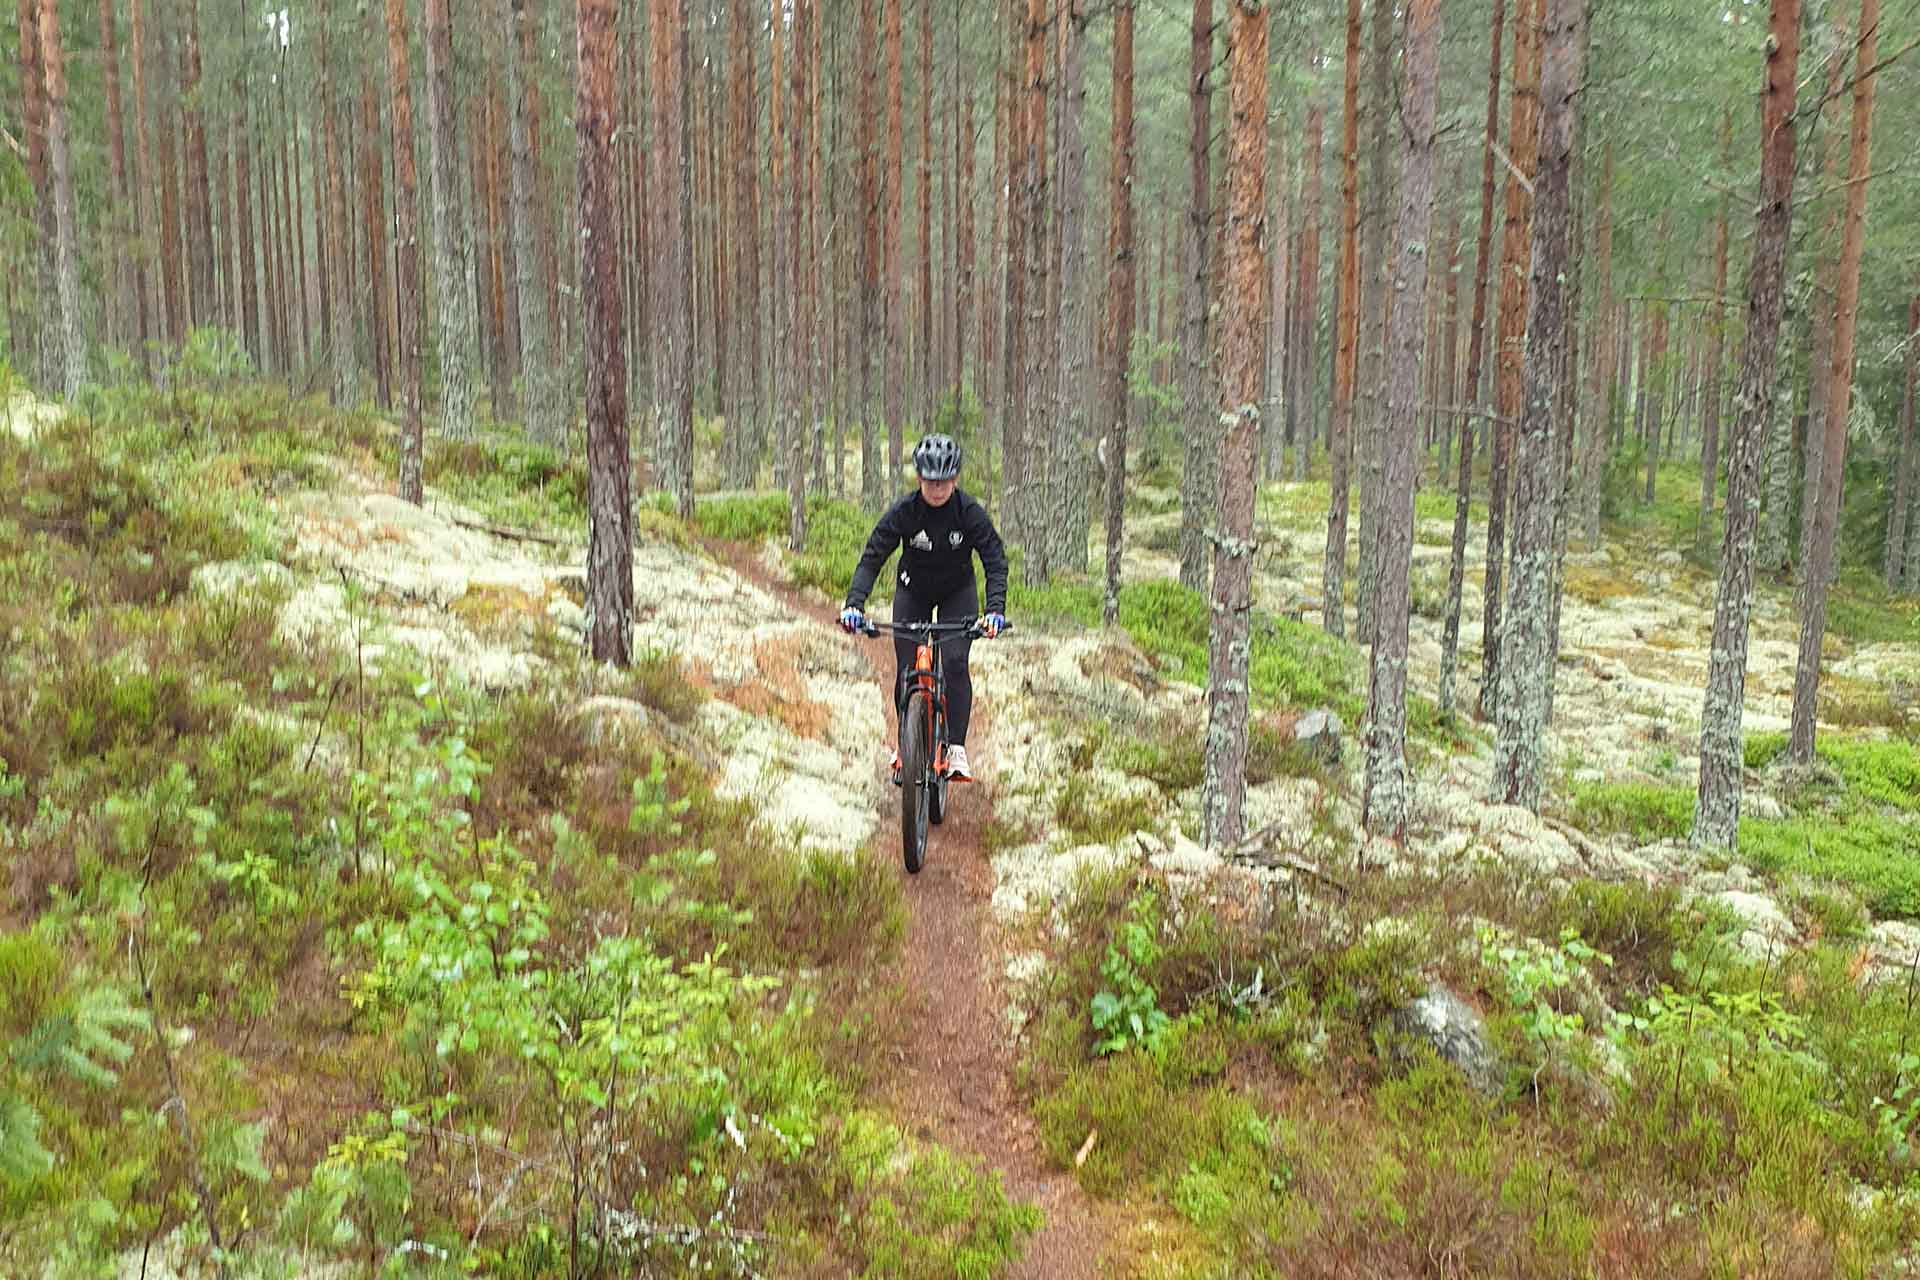 En flicka cyklar i skogen. Fotograf: Pernilla Wester